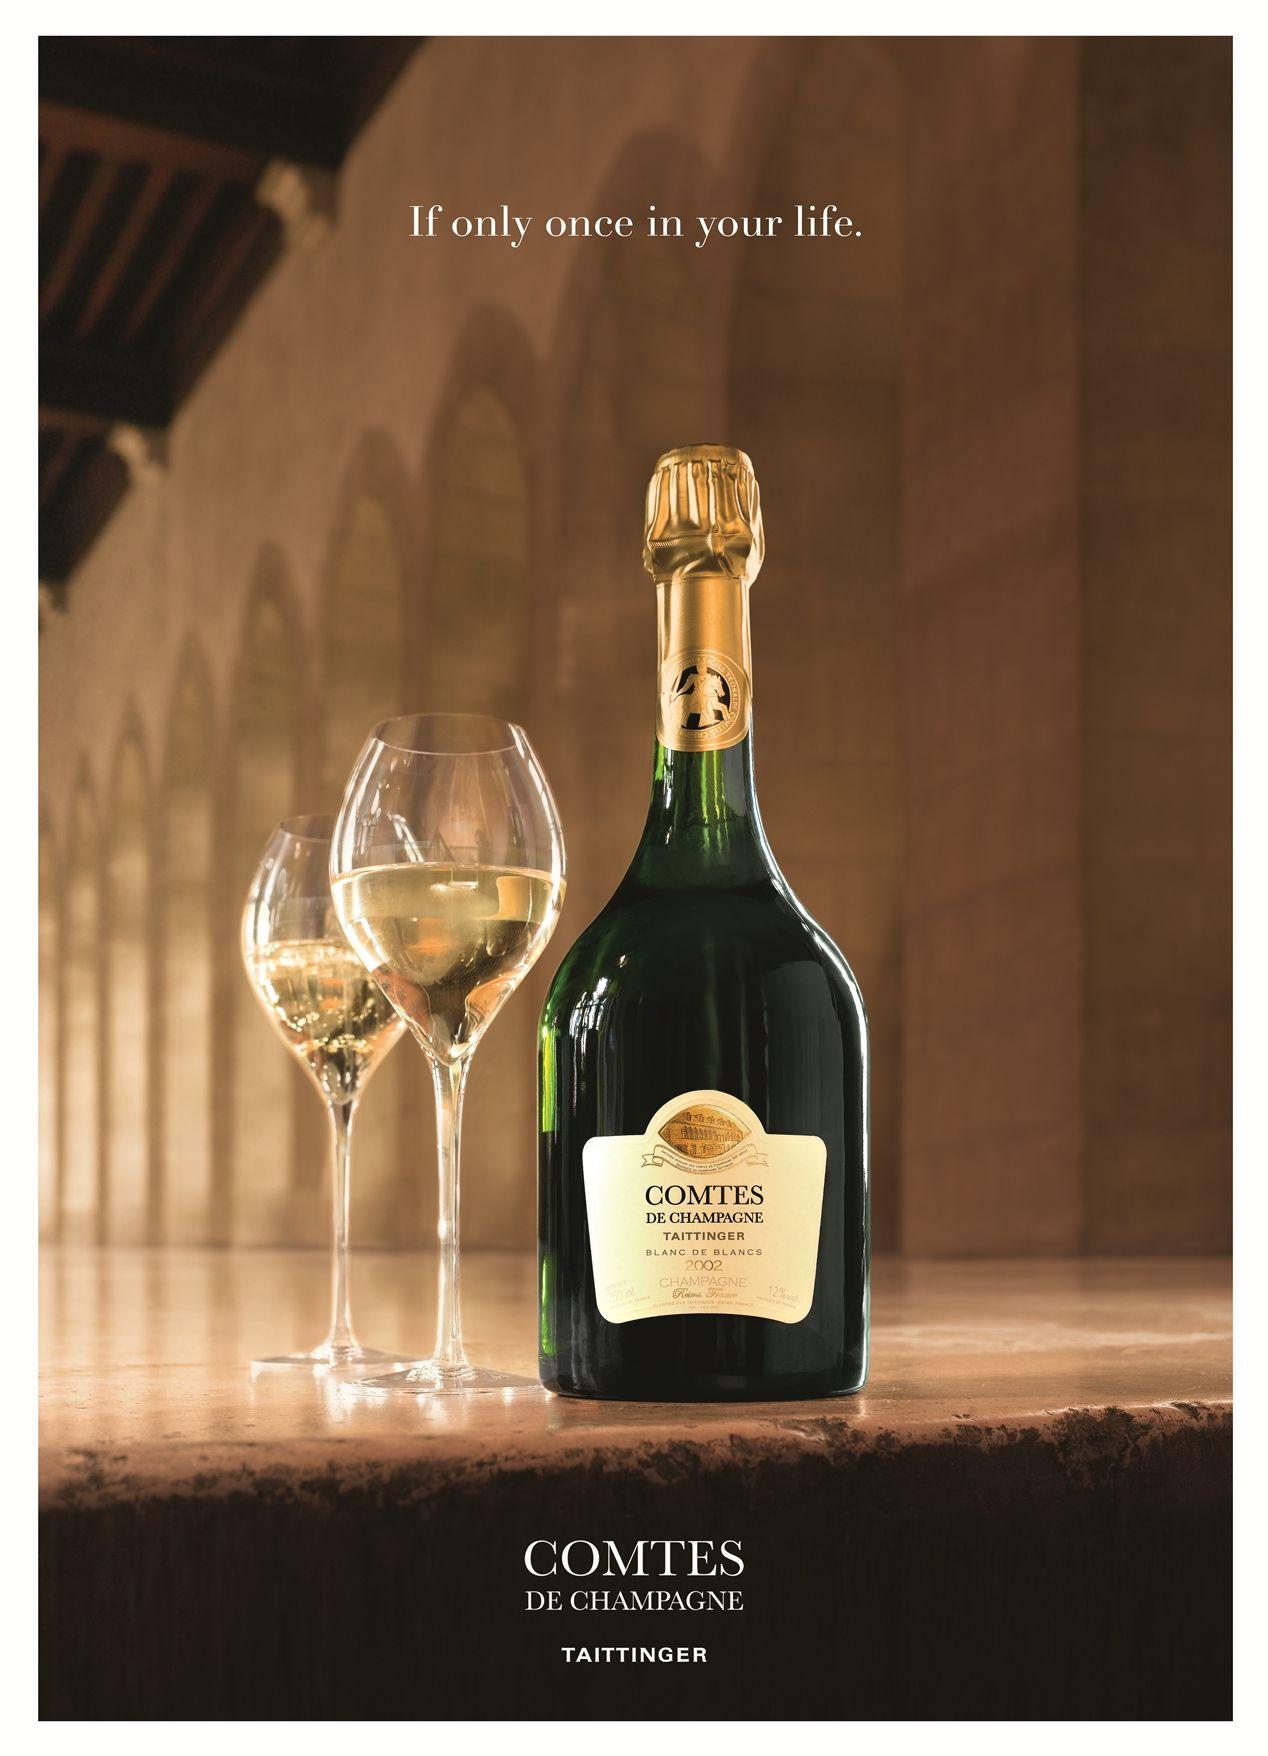 Comtes de Champagne Blanc de Blancs, Taittinger